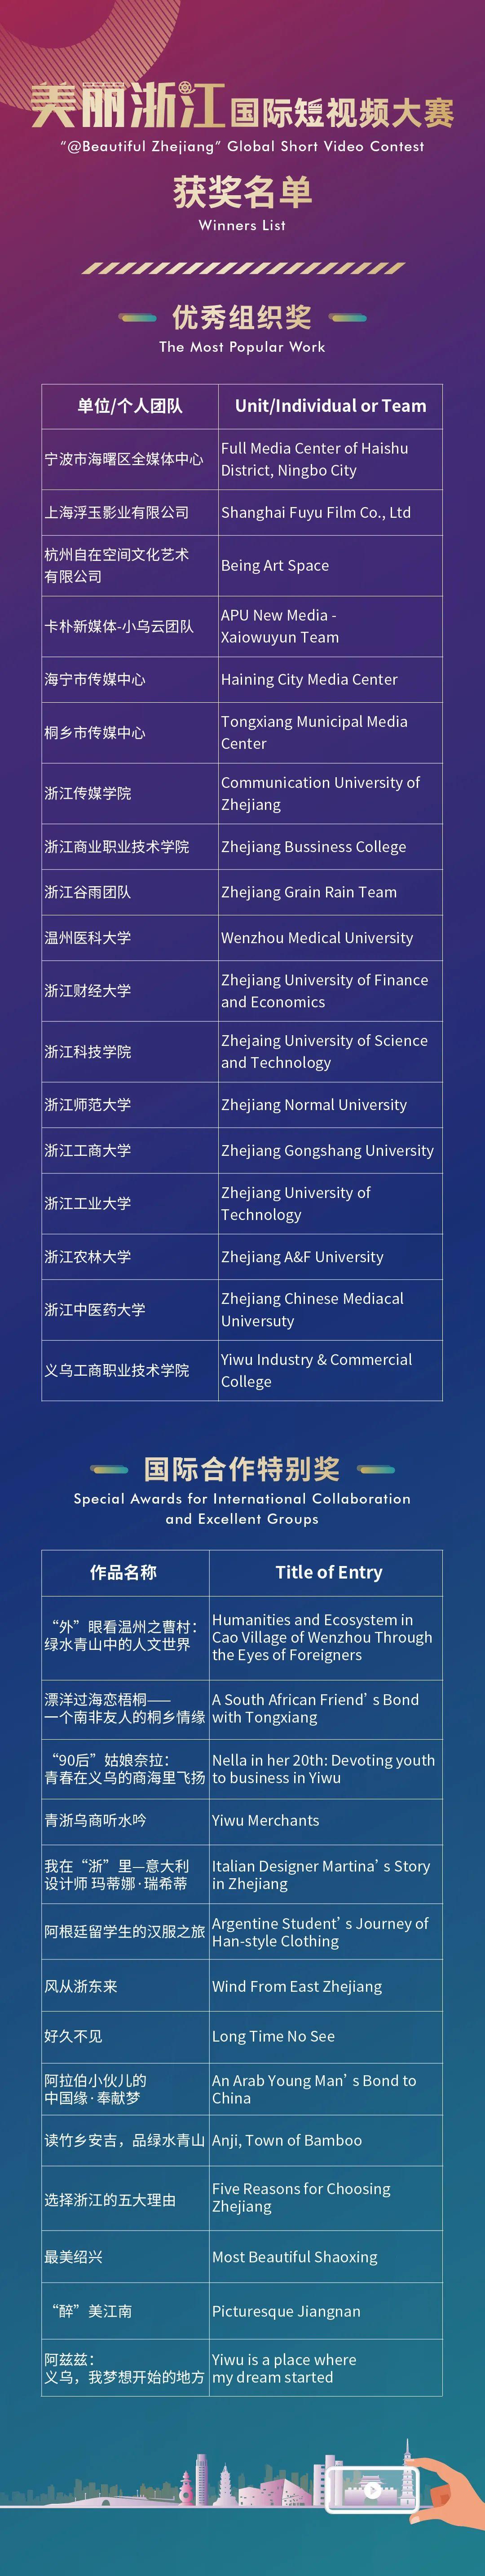 优秀组织和国际合作特别奖.jpg